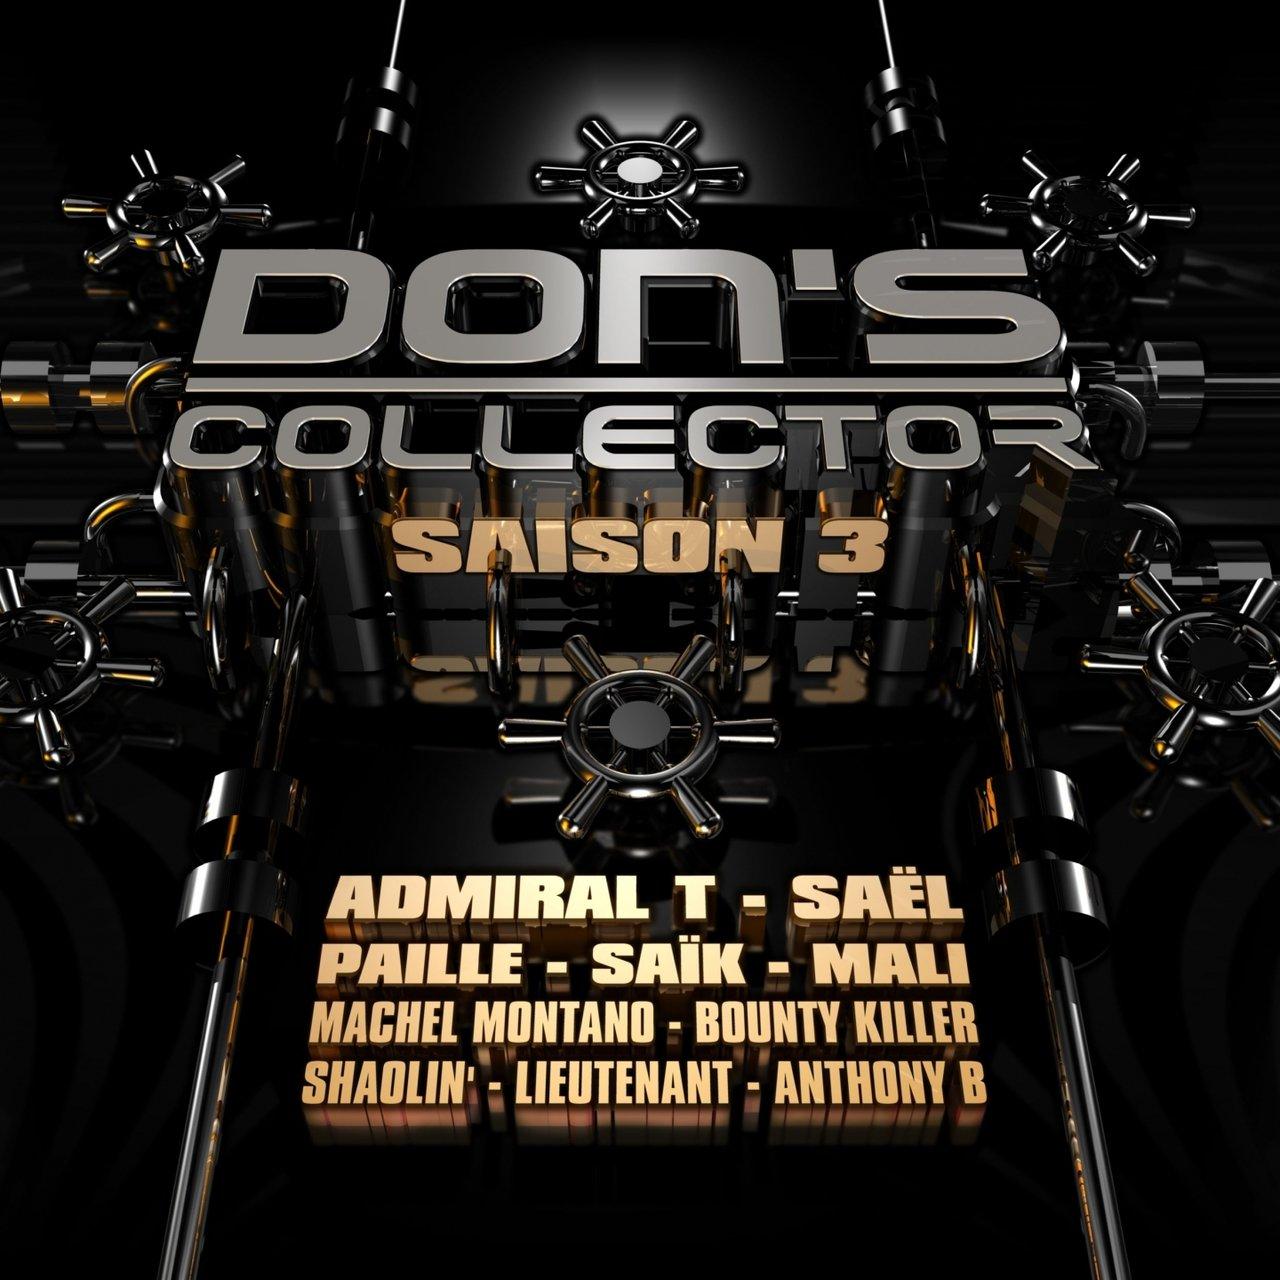 Don's Collector Saison 3